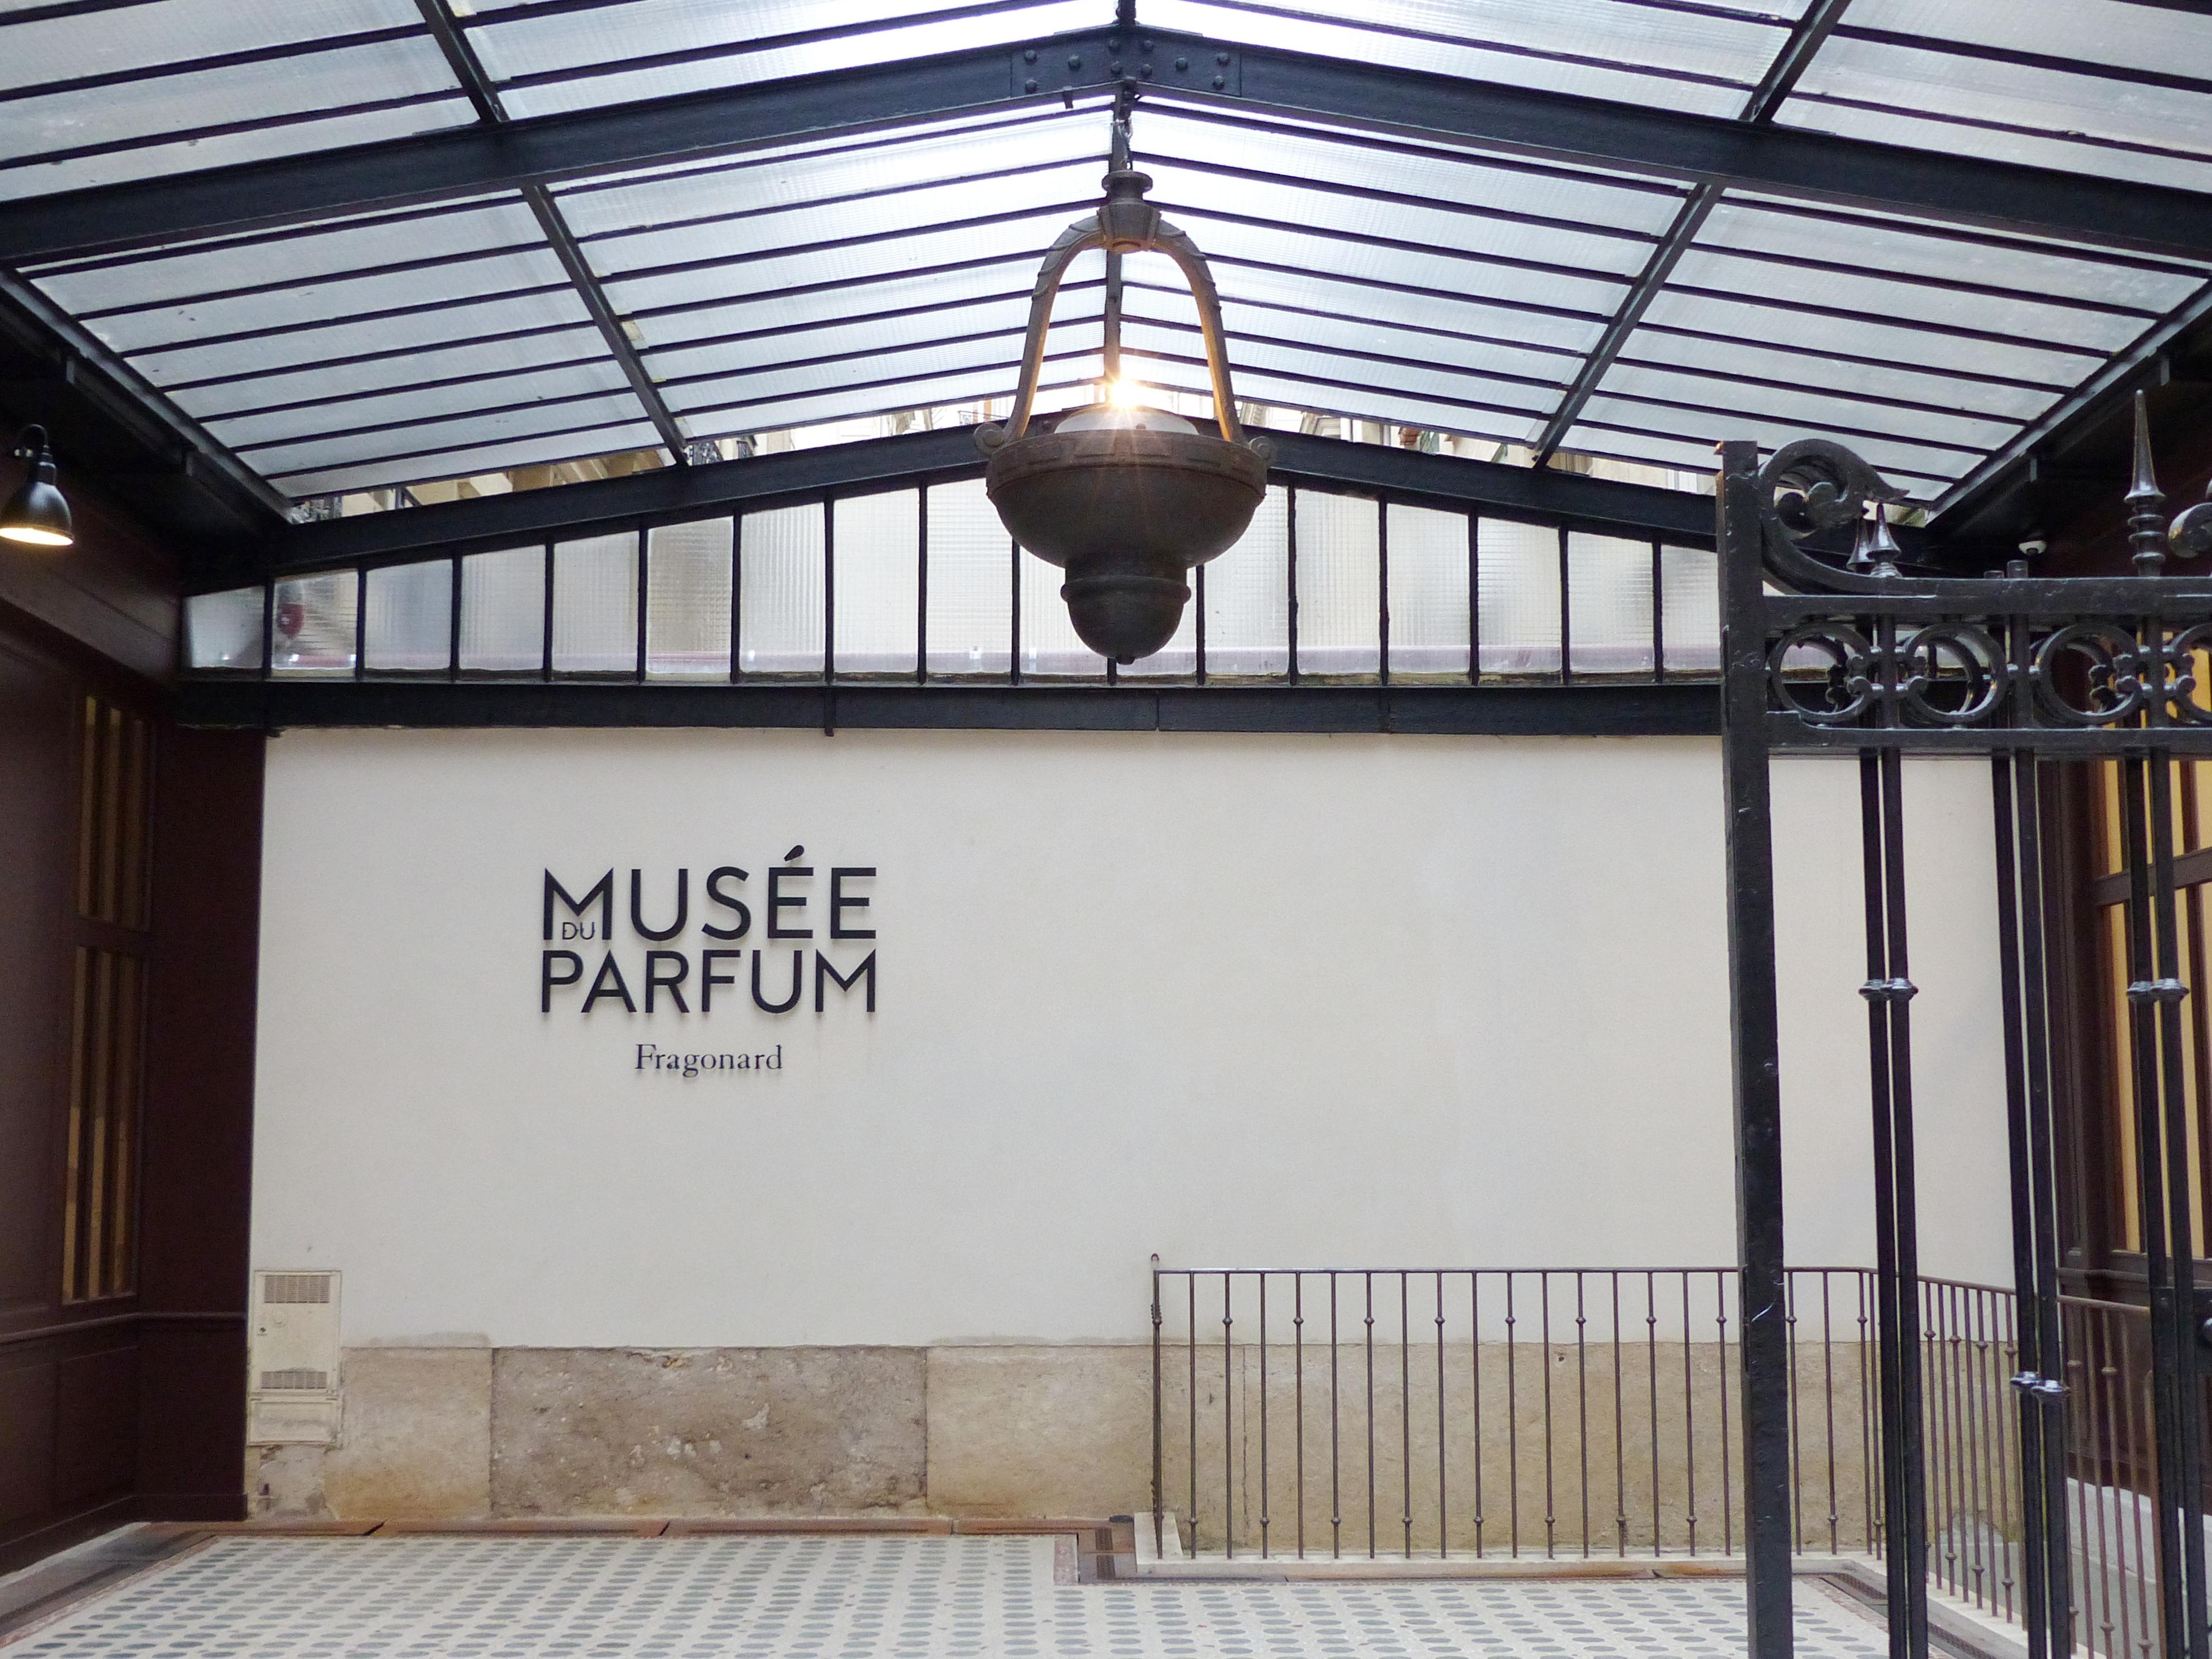 Le Musée Du Parfum Fragonard Louise Going Out